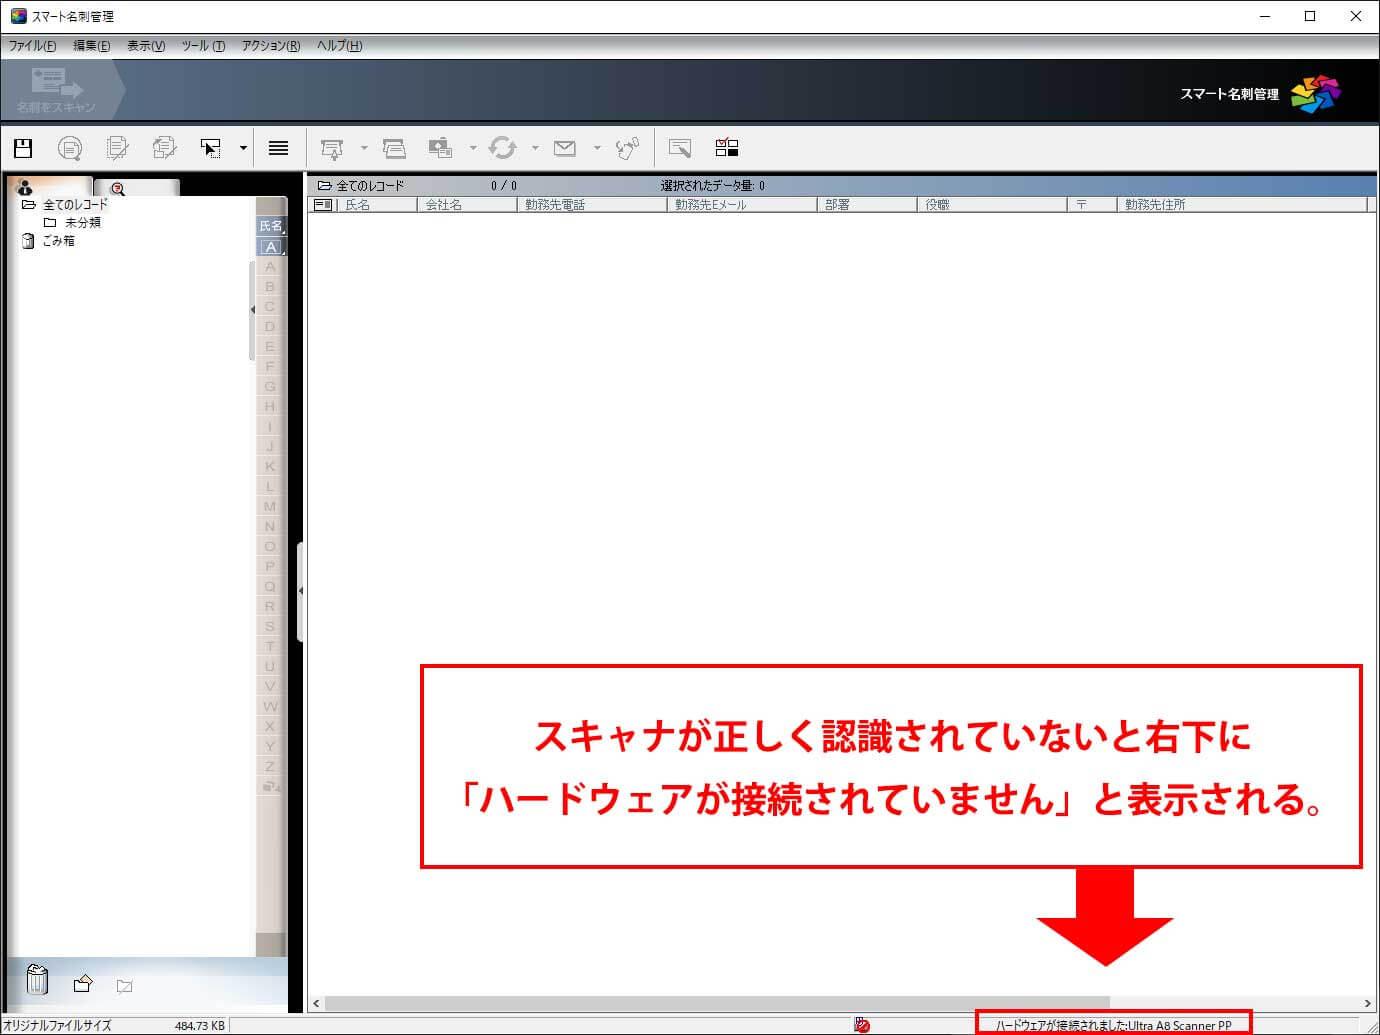 Windows版の「スマート名刺管理」が起動しました。スキャナが正しく認識されていないと右下に「ハードウェアが接続されていません」と表示されます。